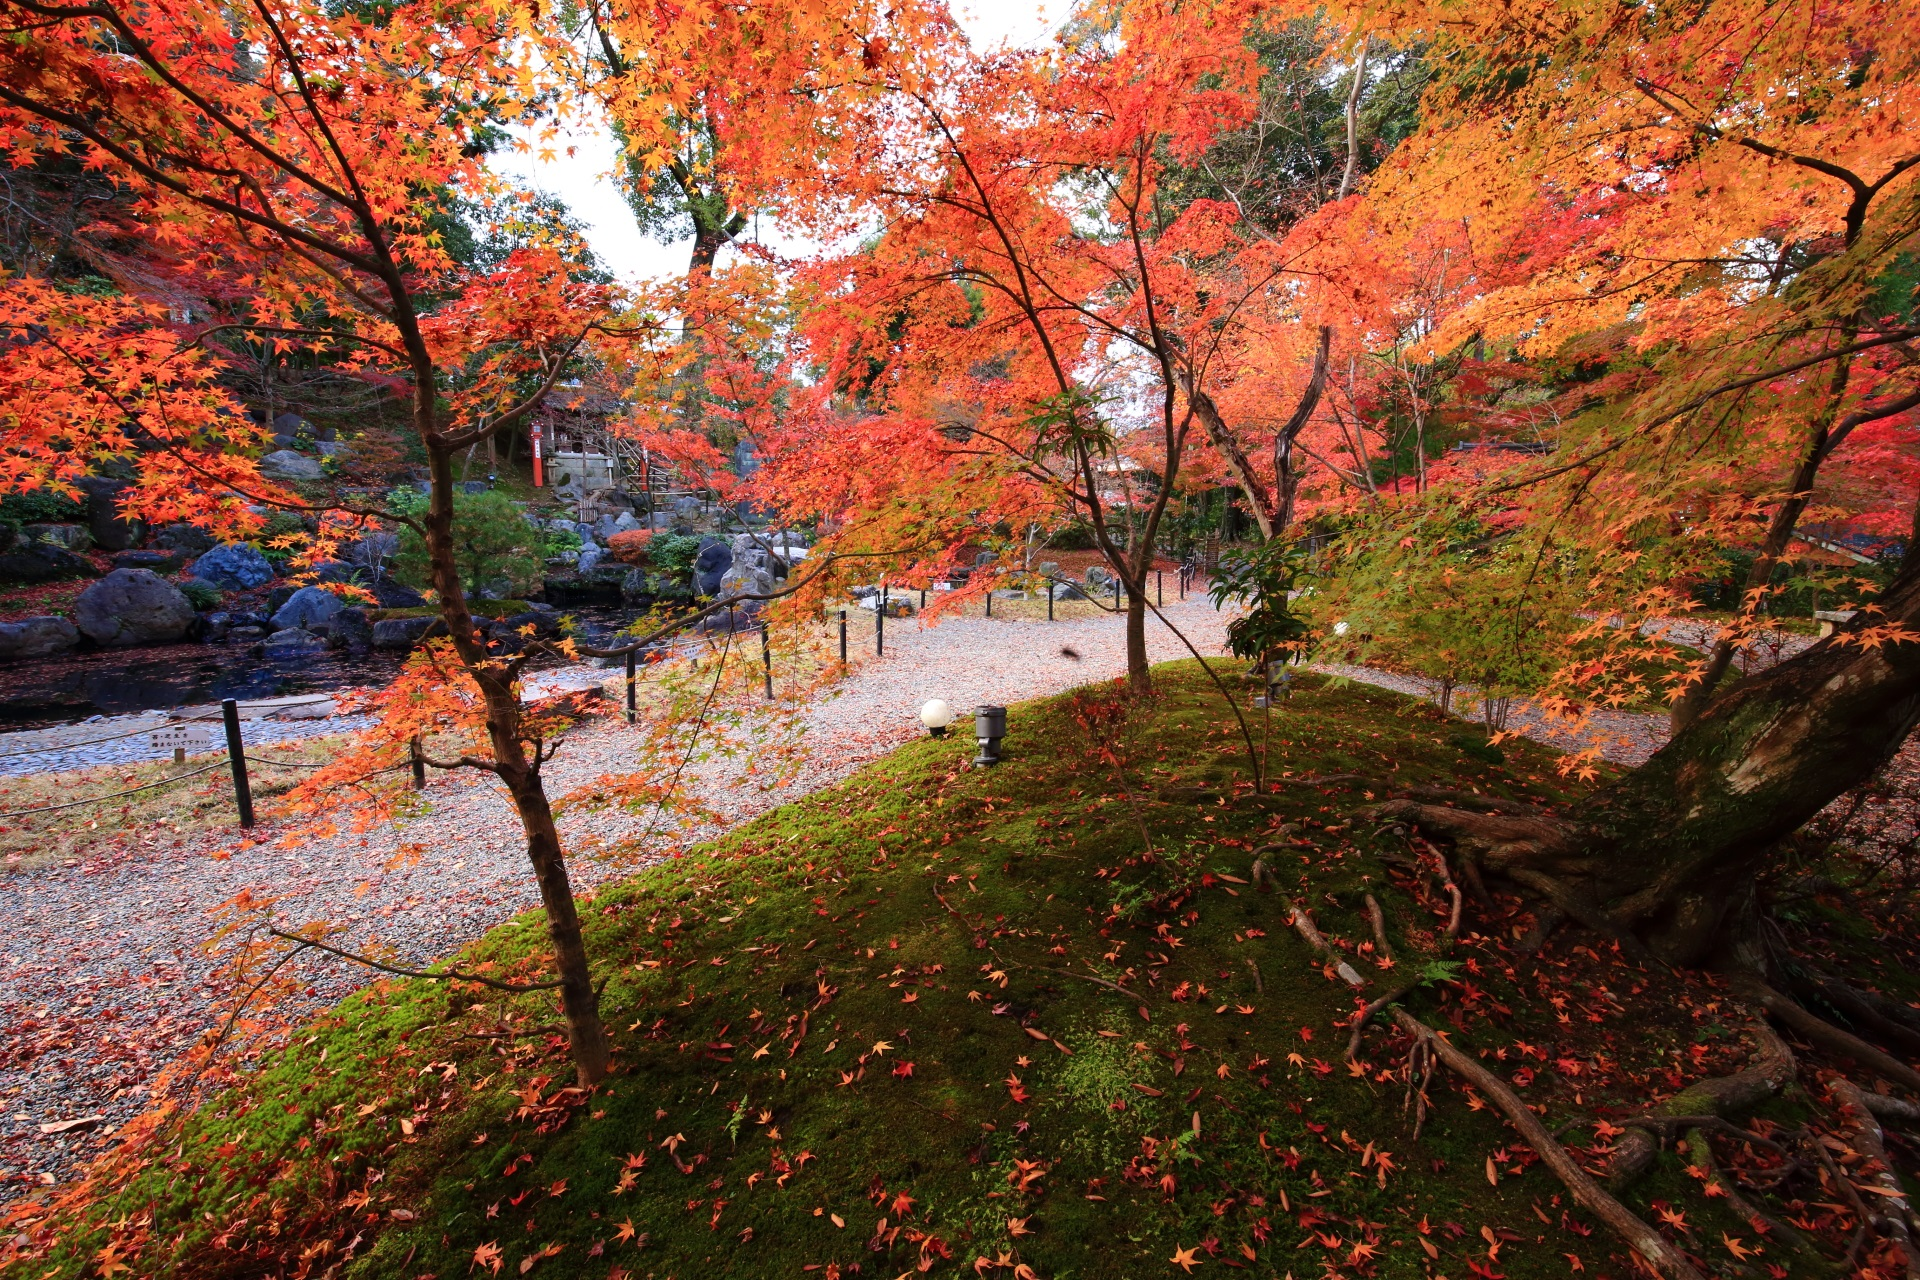 長岡天満宮の錦景苑の秋色の散りもみじや苔